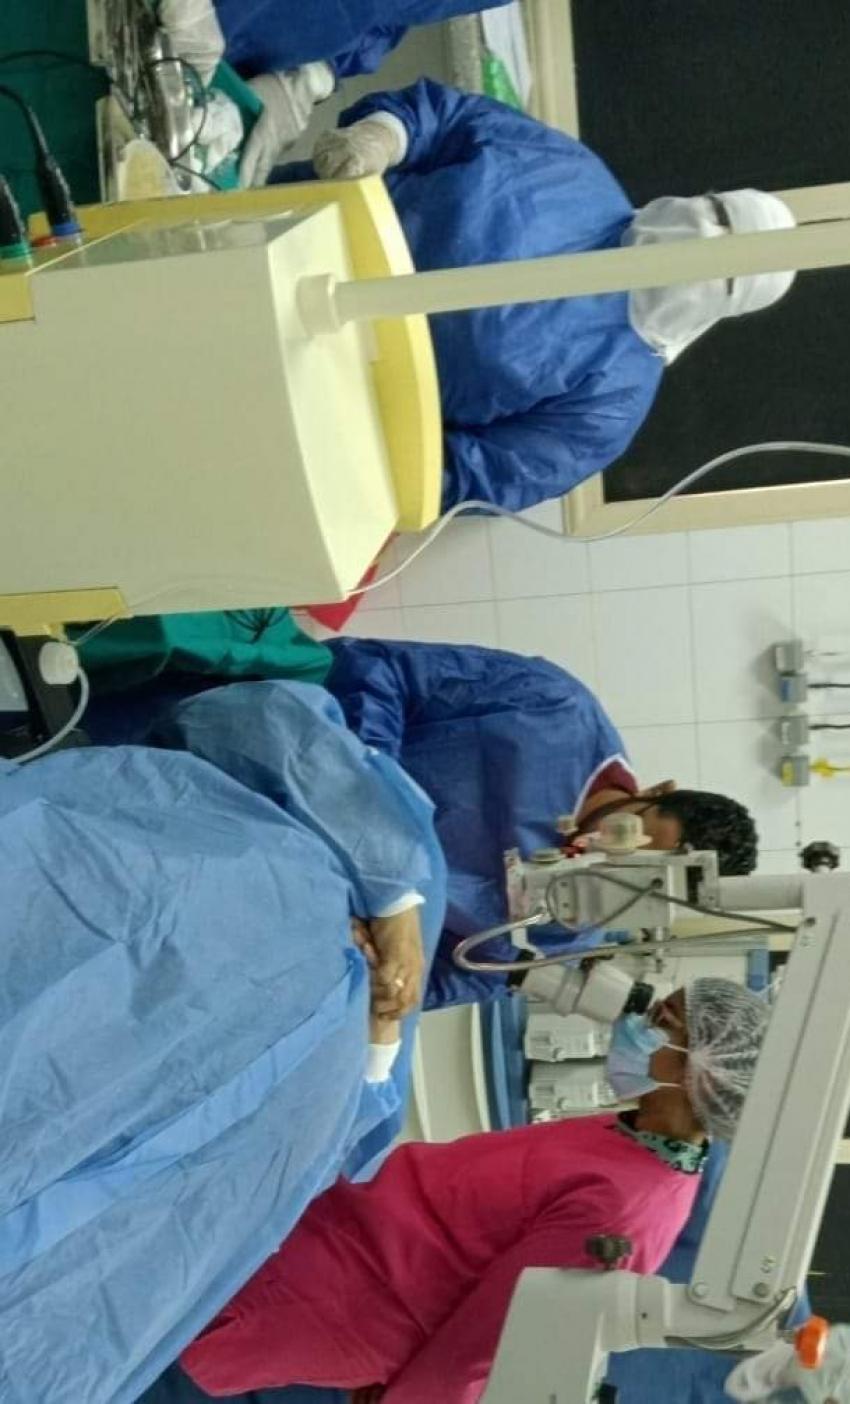 """صحة السويس: استئناف عمليات الرمد بالمستشفى العام وإجراء 6 عمليات بأحدث اجهزة عمليات المياه البيضاء """"الفاكو"""""""